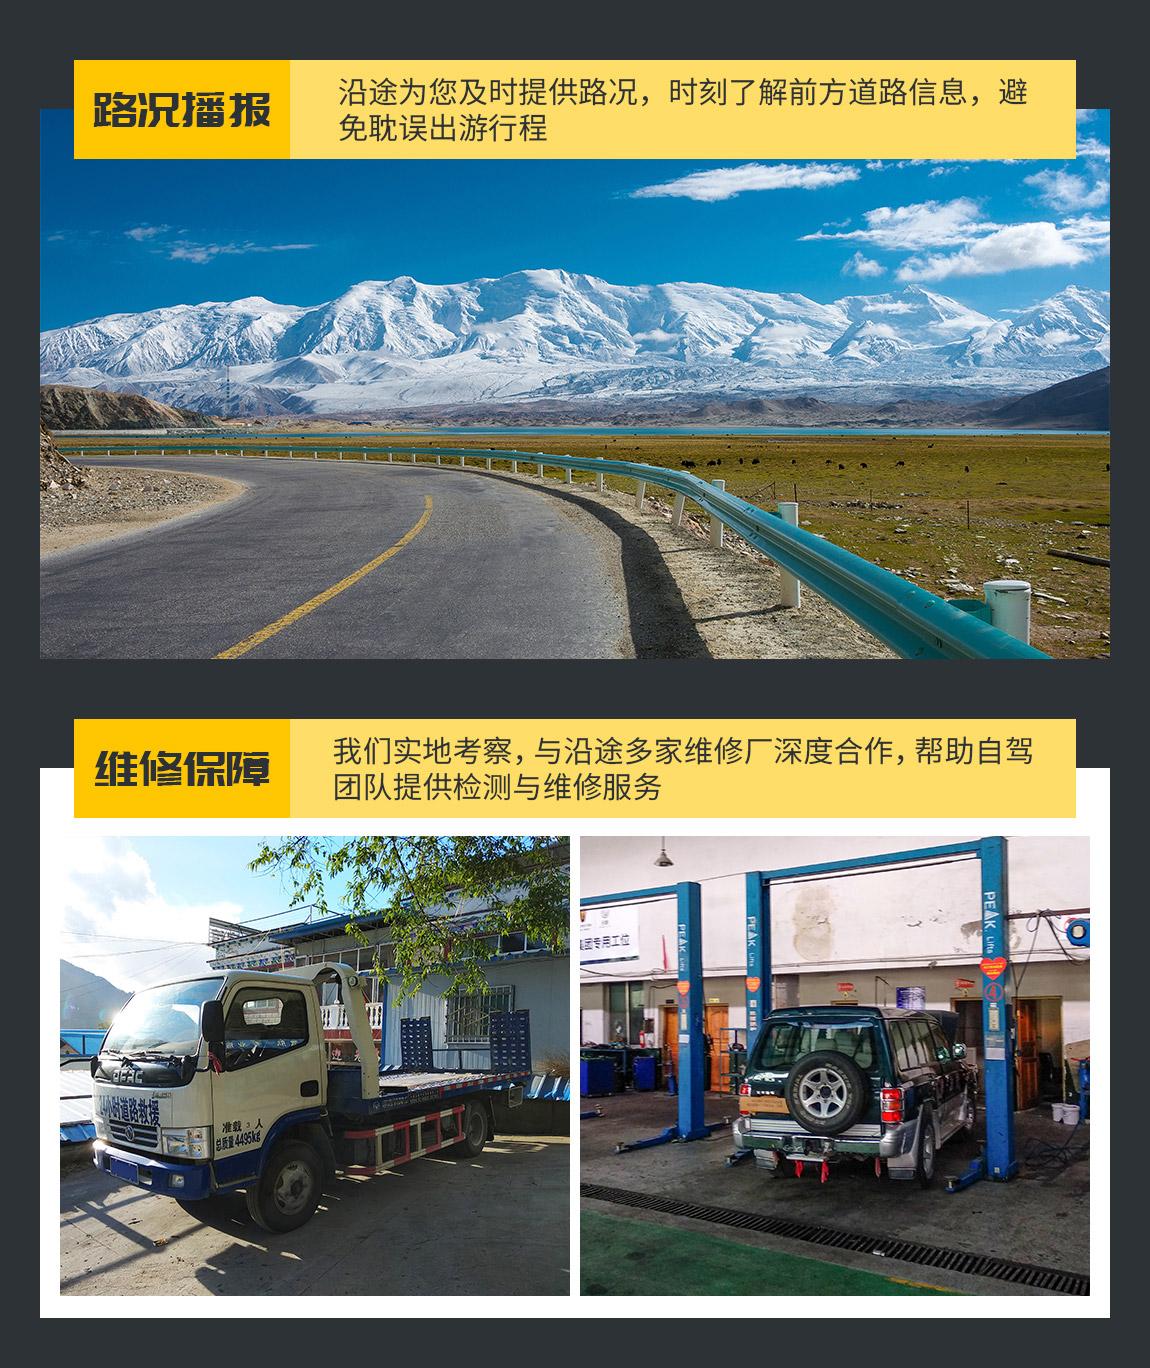 川藏线自驾游详情页_2020升级版_09